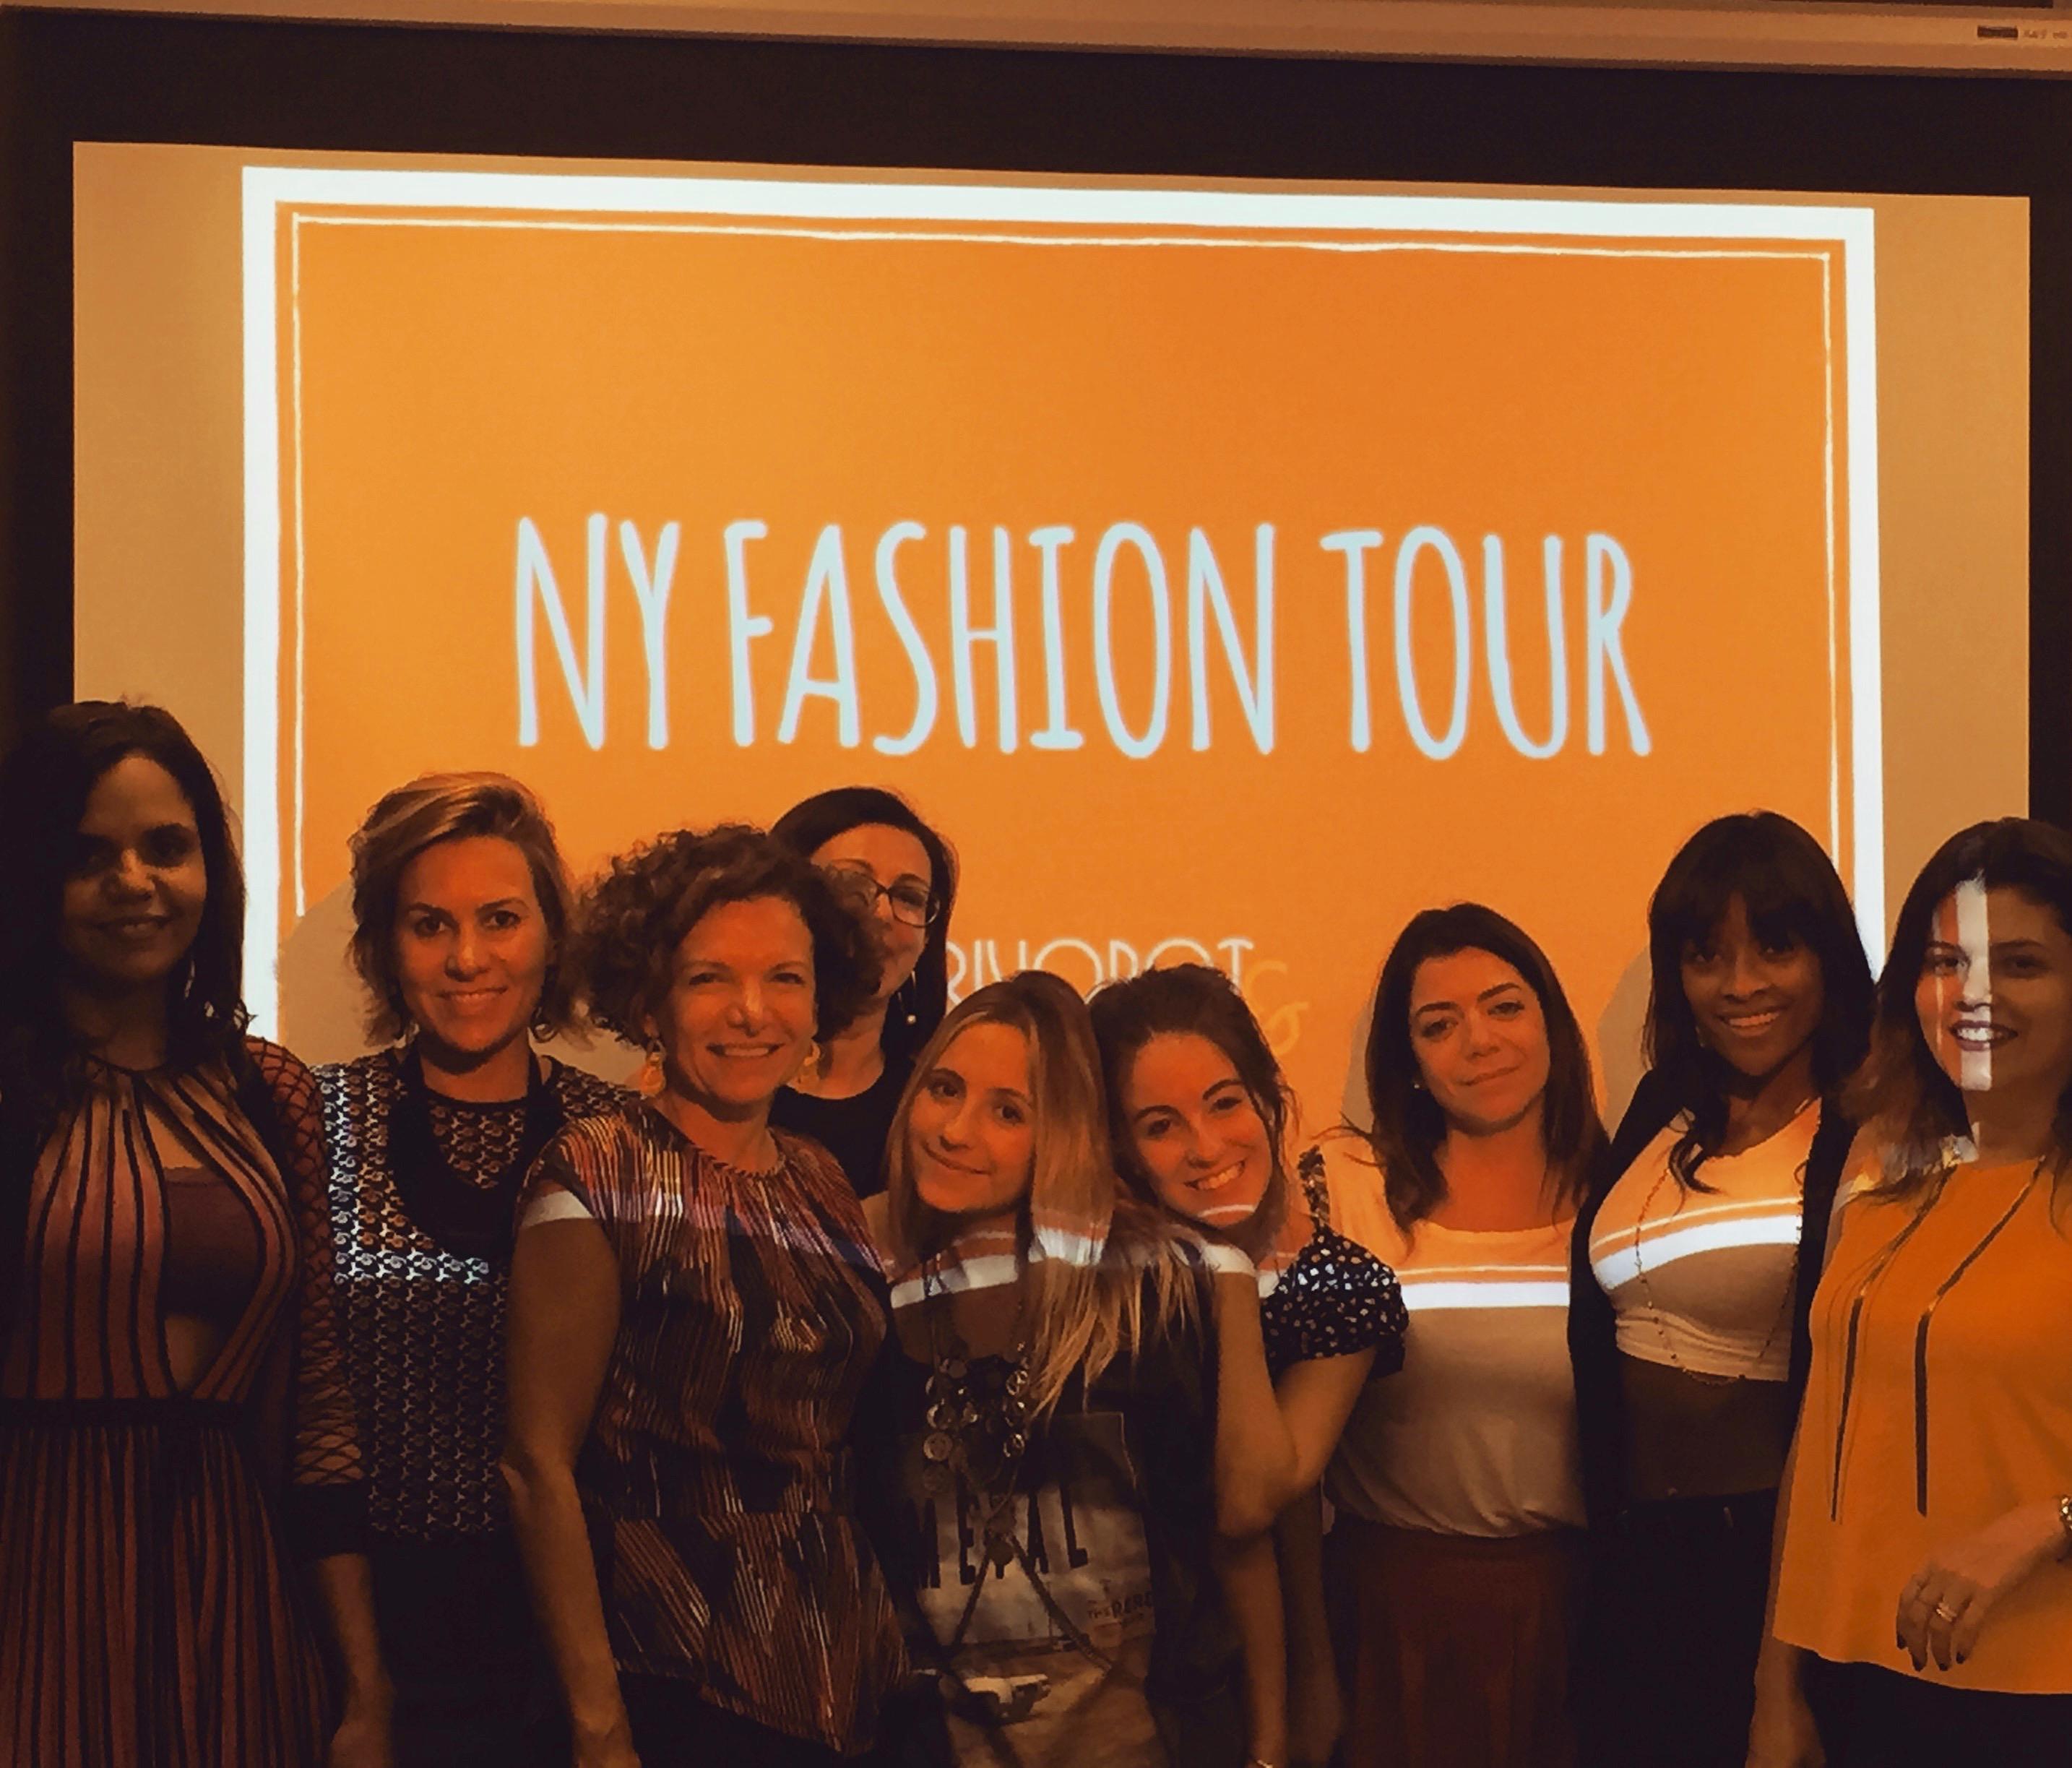 Primeiro NY Fashion Tour - Setembro 2015 - Curso de Moda em Nova York - FIT - Crivorot Scigliano